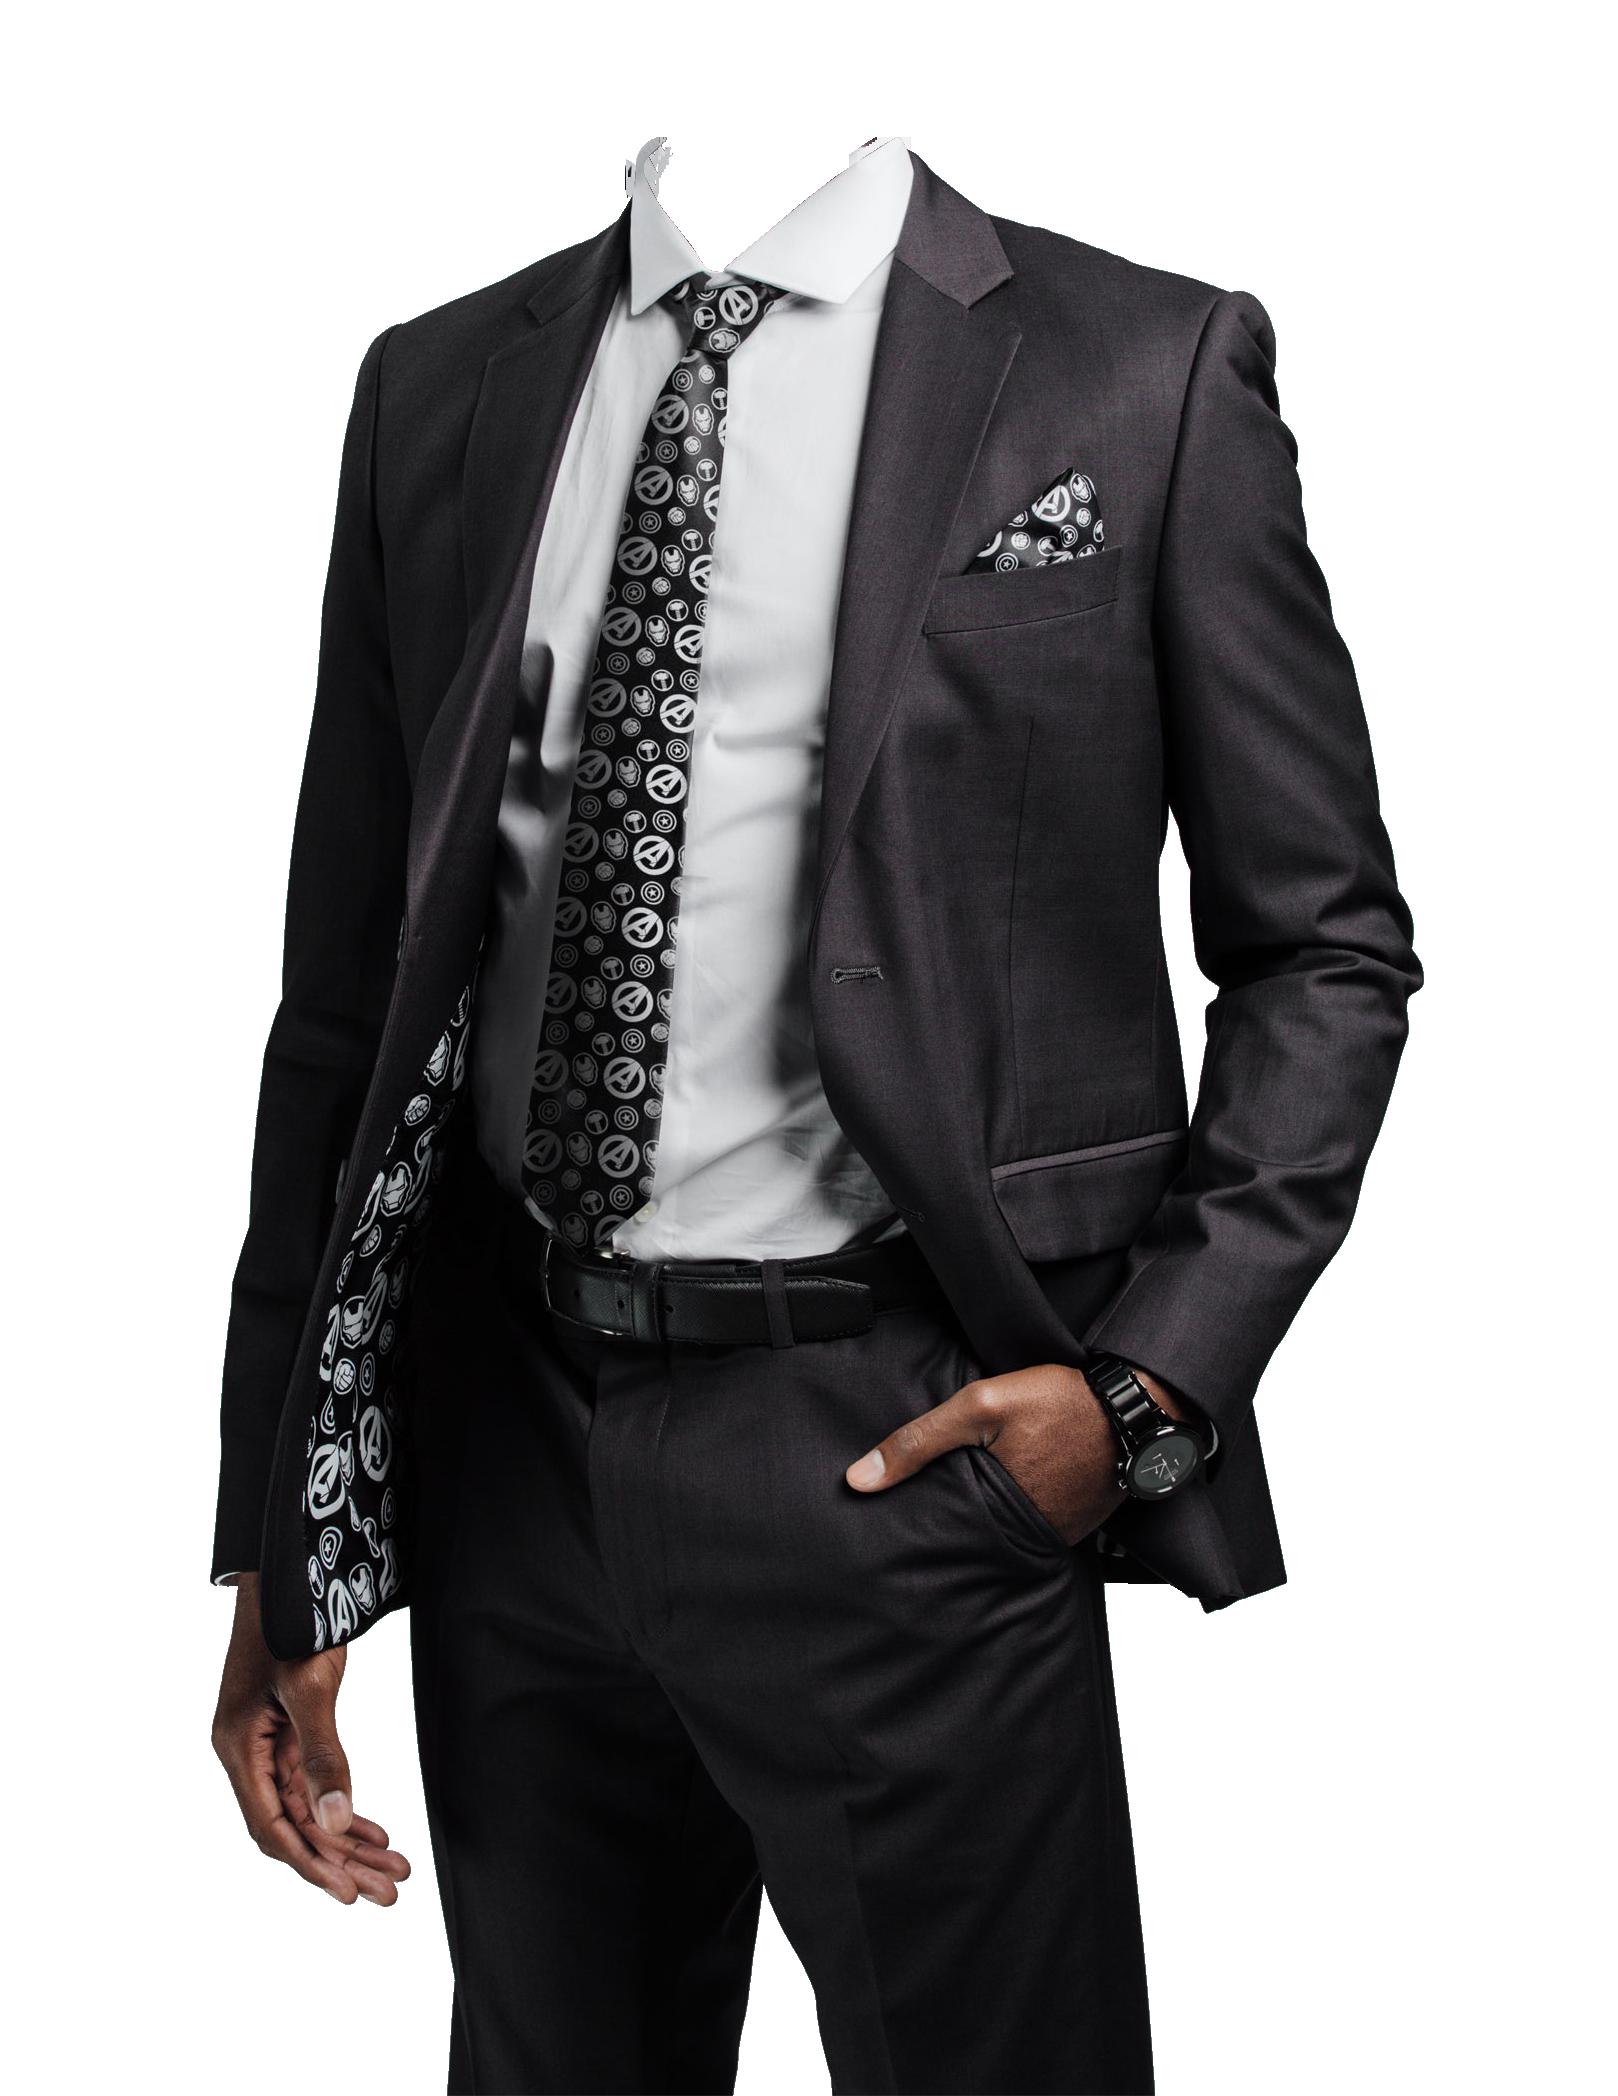 Captain Hulk Jacket Black Iron Suit America Suits Comic Clothes Black Suits